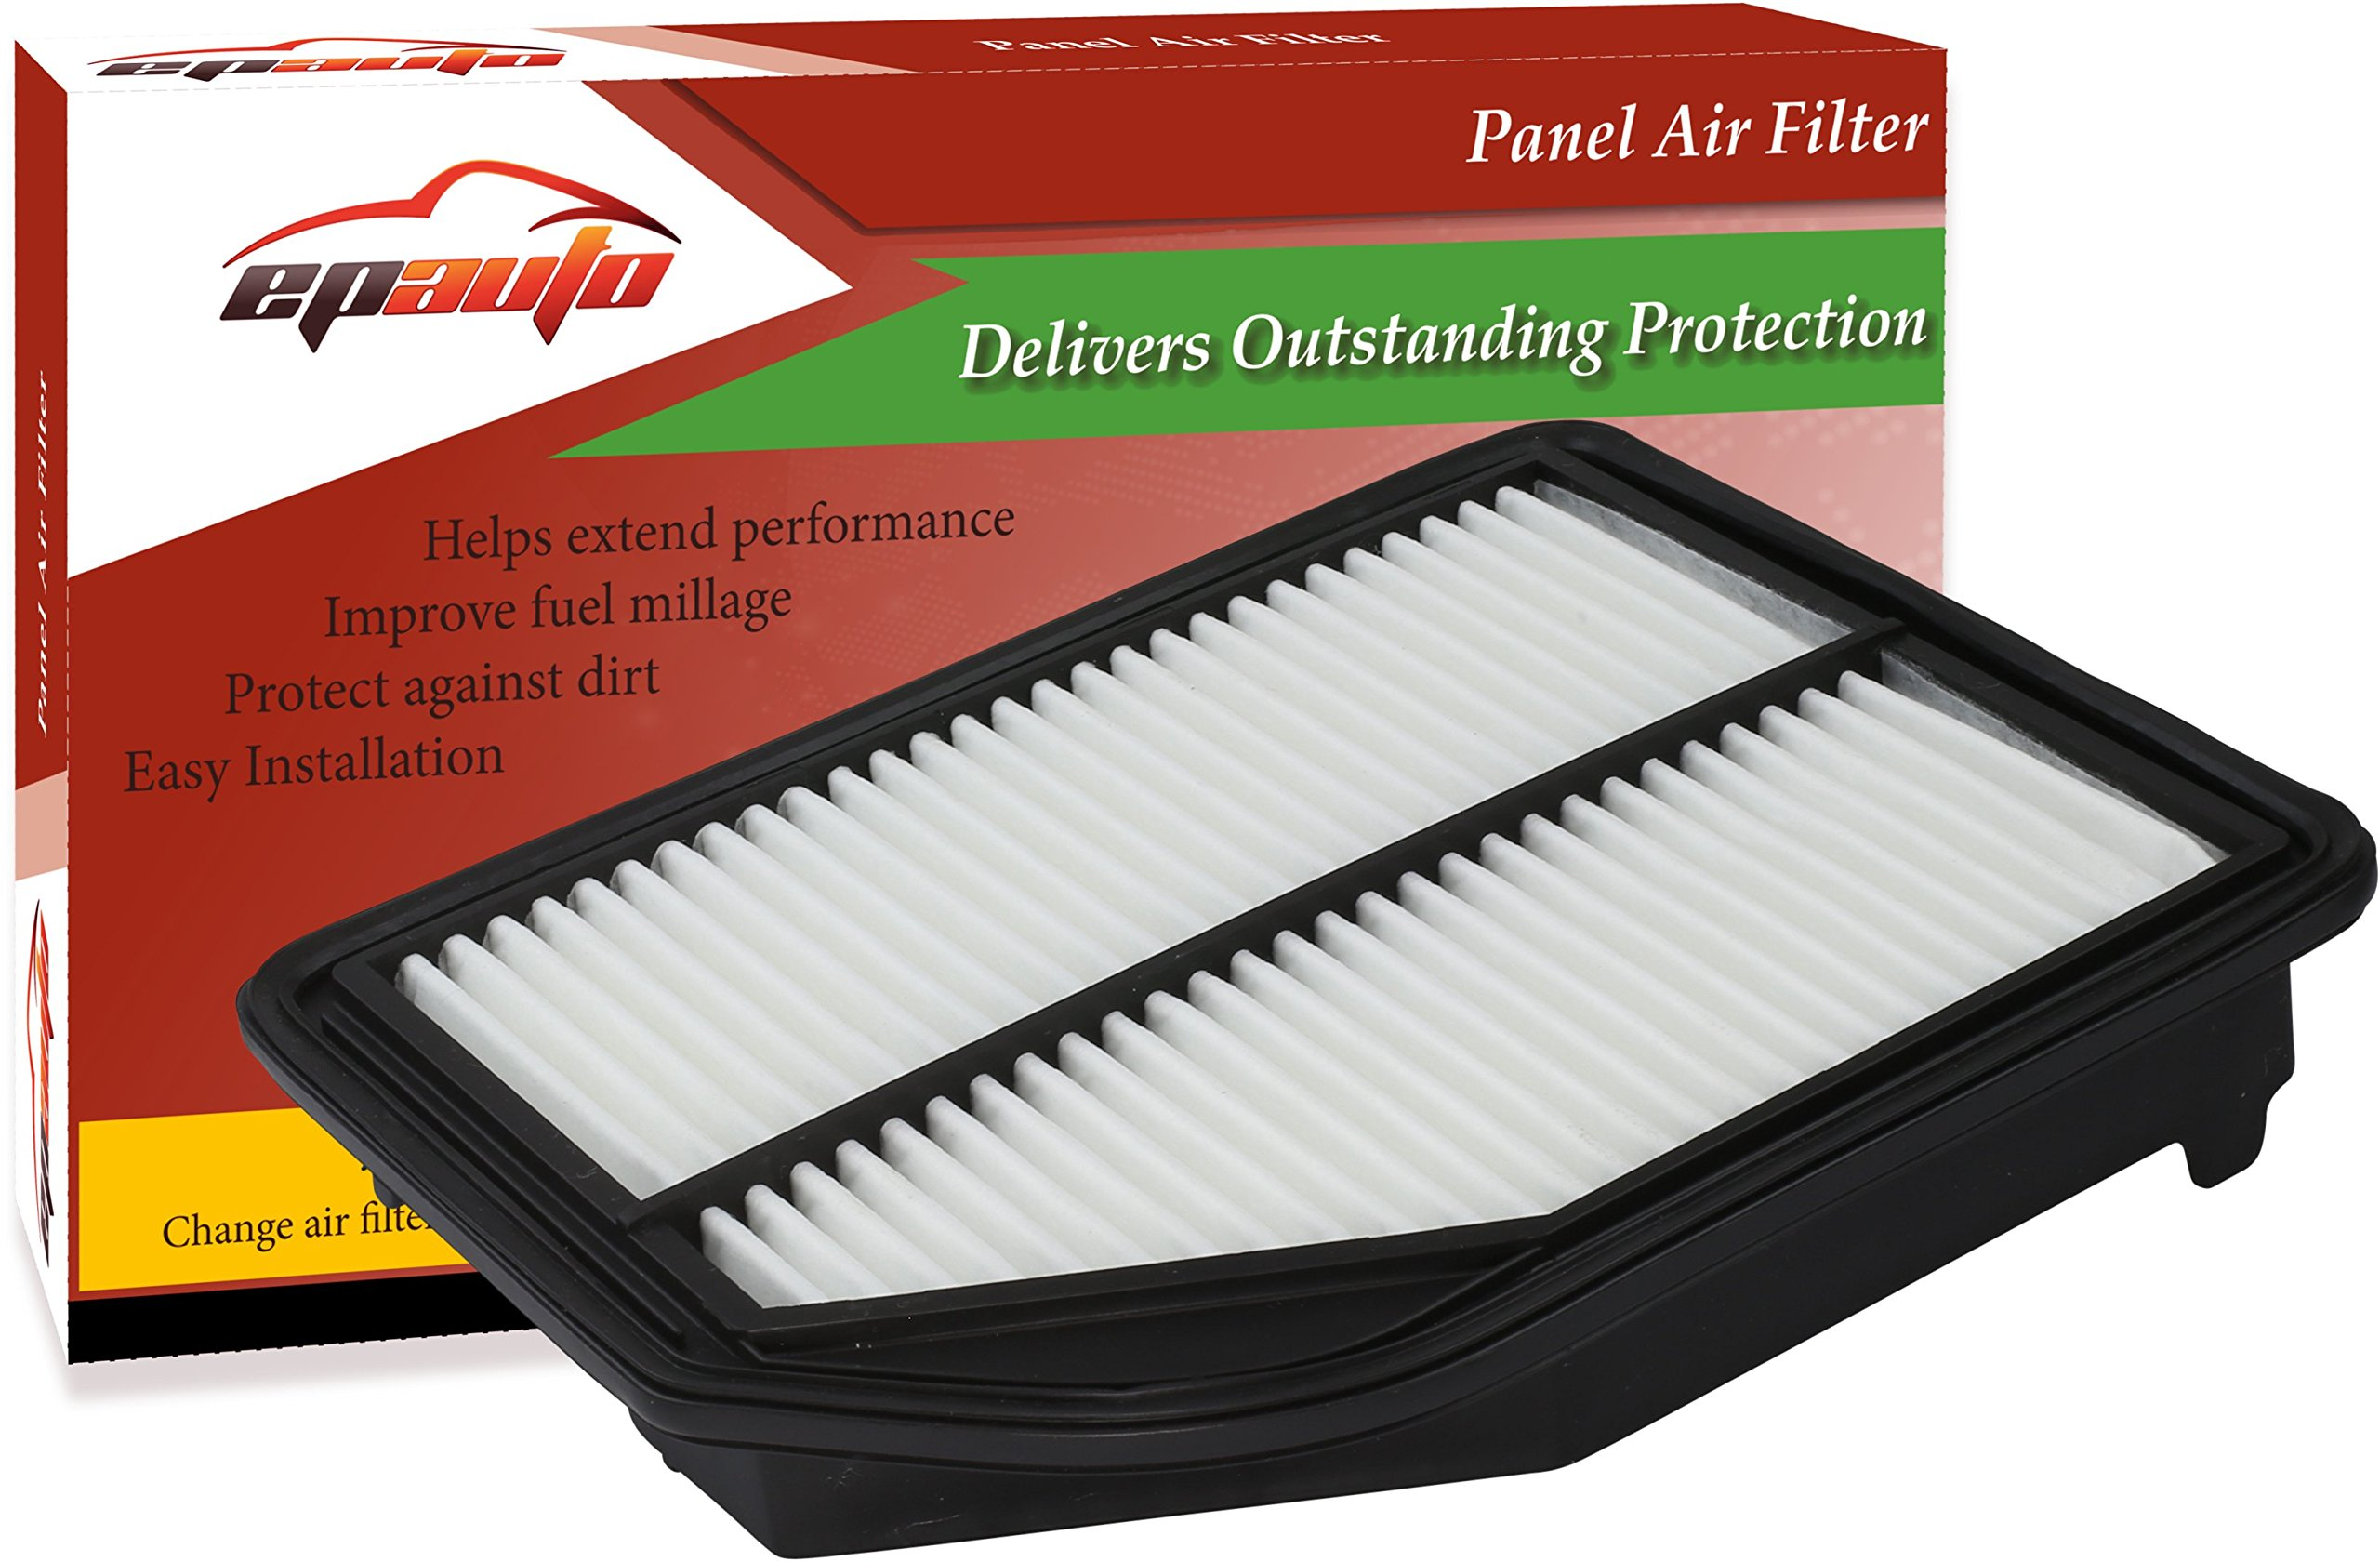 Epauto Gp258 Ca11258 17220 R5a A00 Honda Replacement Extra Guard Fuel Filters Rigid